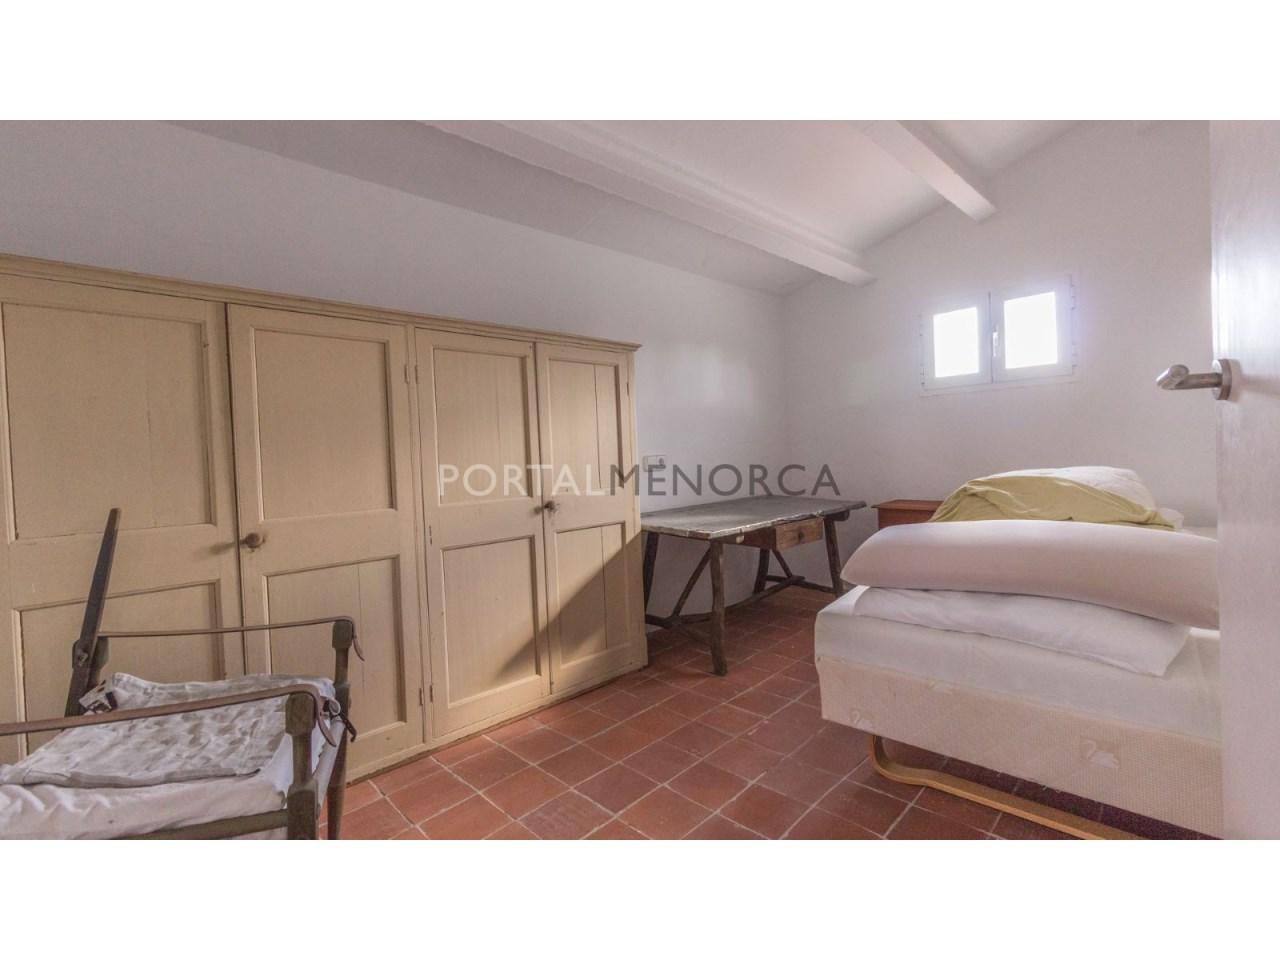 casa de campo en Sant Lluis, Menorca (12 de 22)